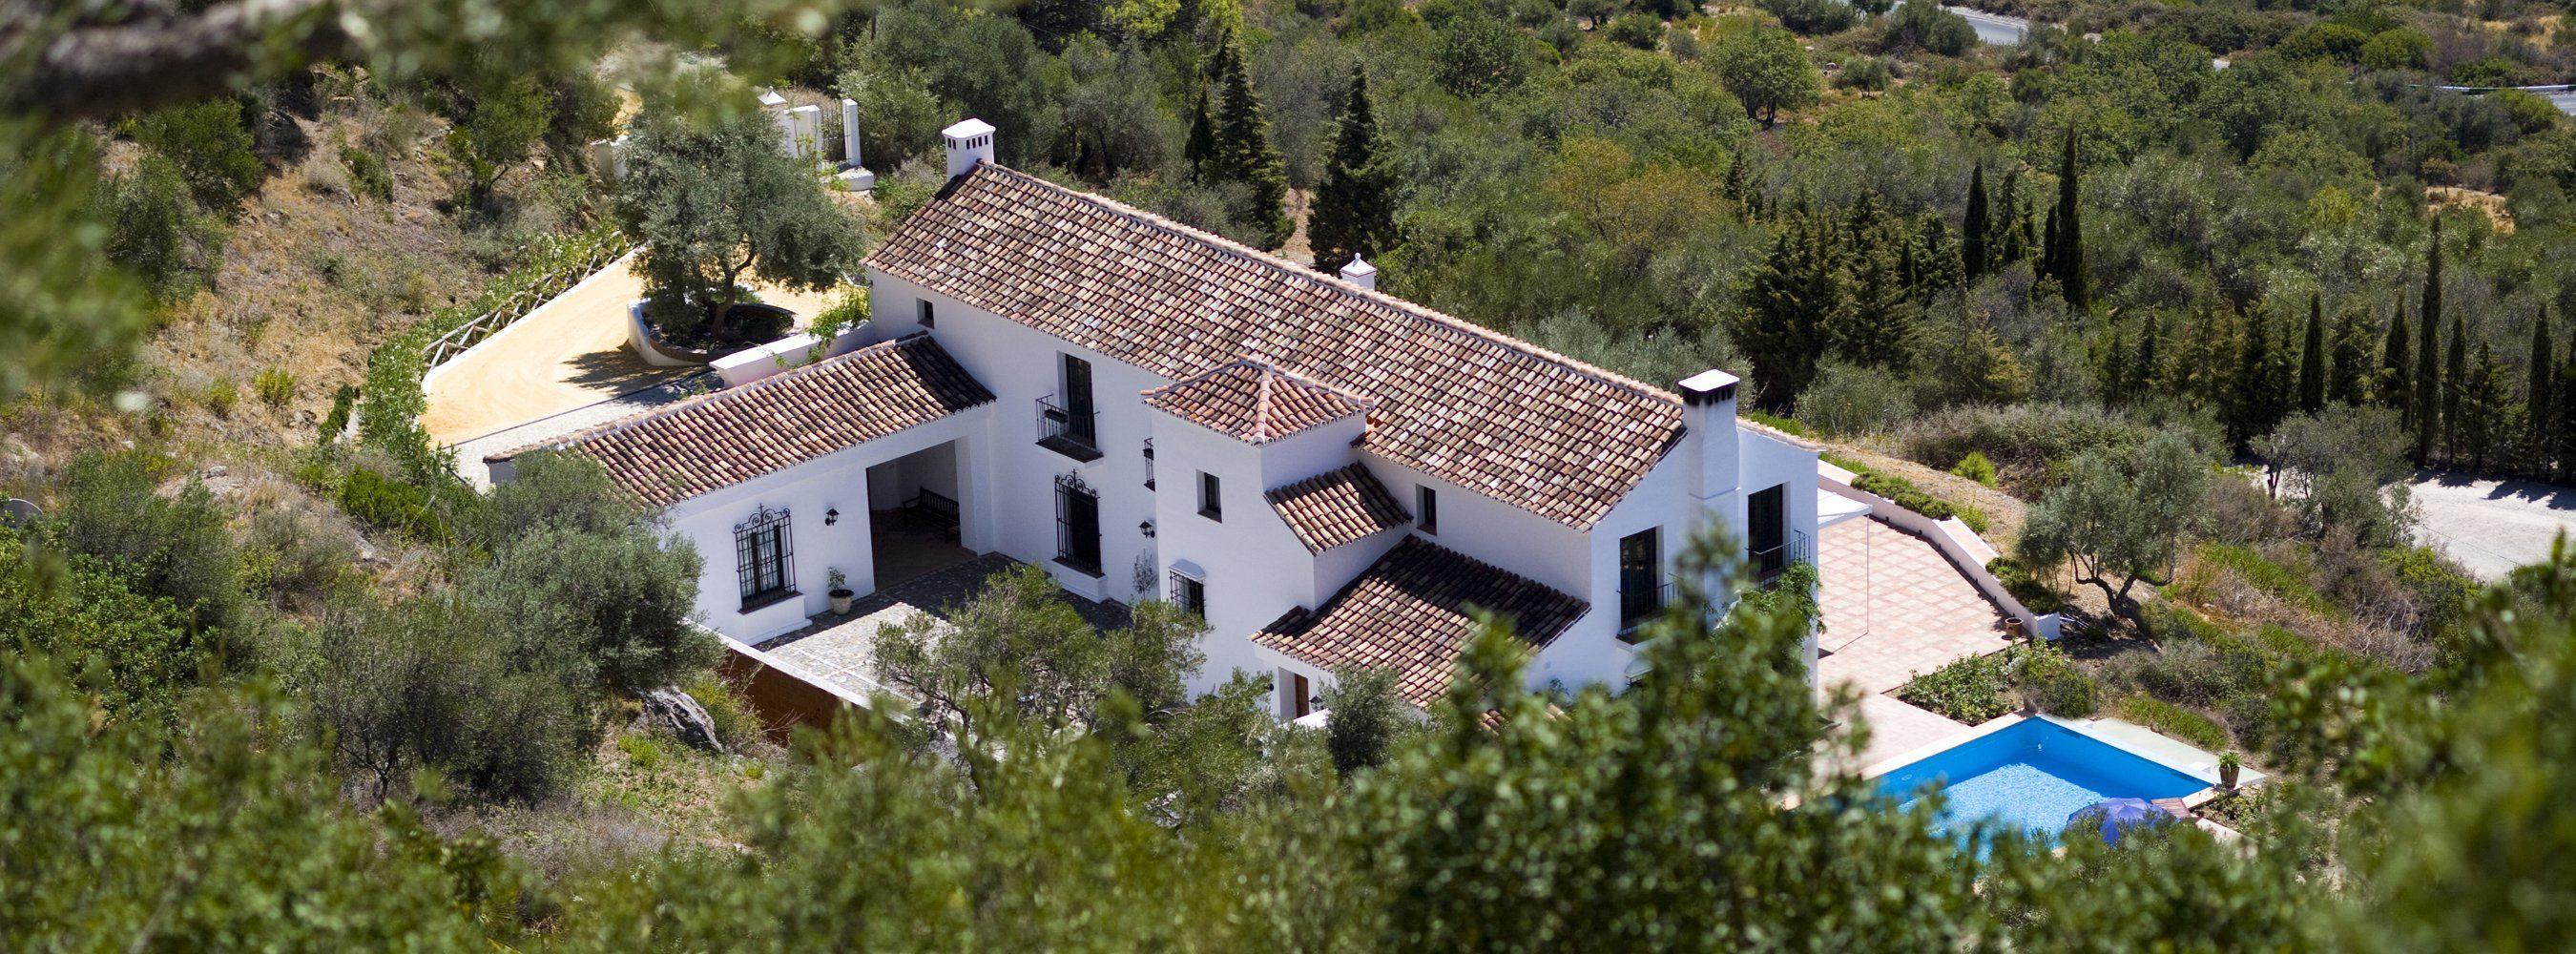 over view villa